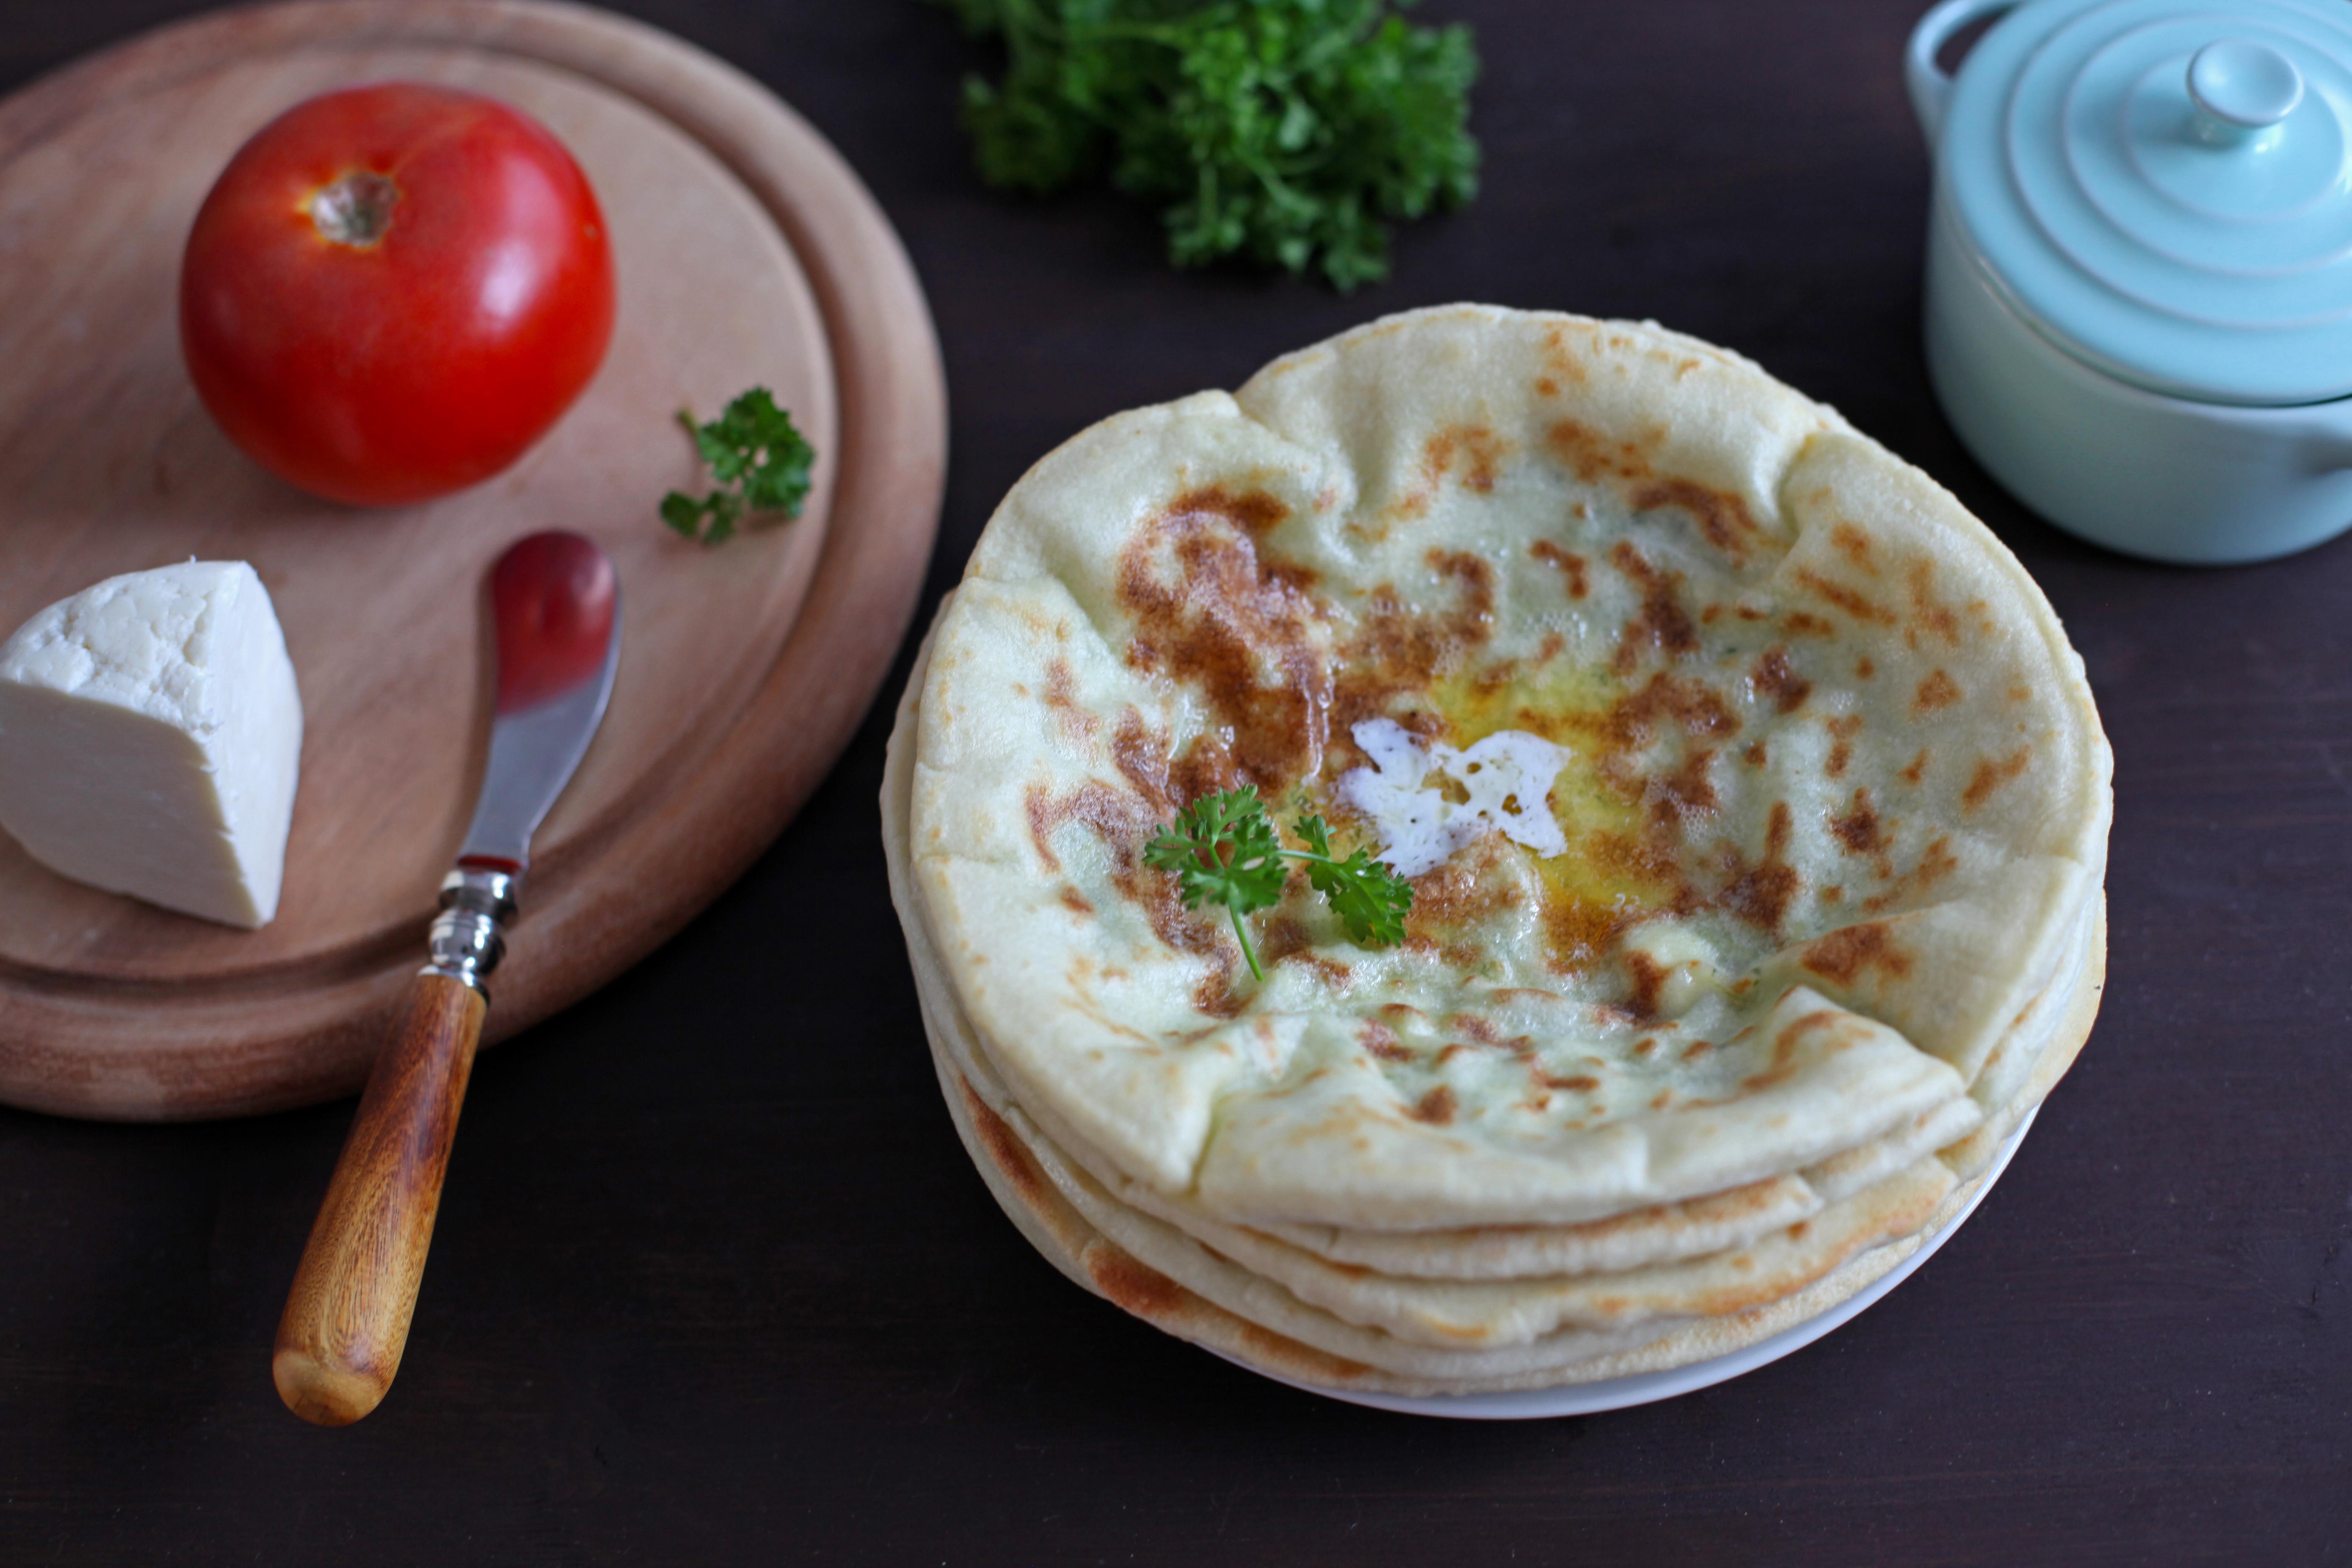 берегу имеются карачаевские блюда картинки заметить